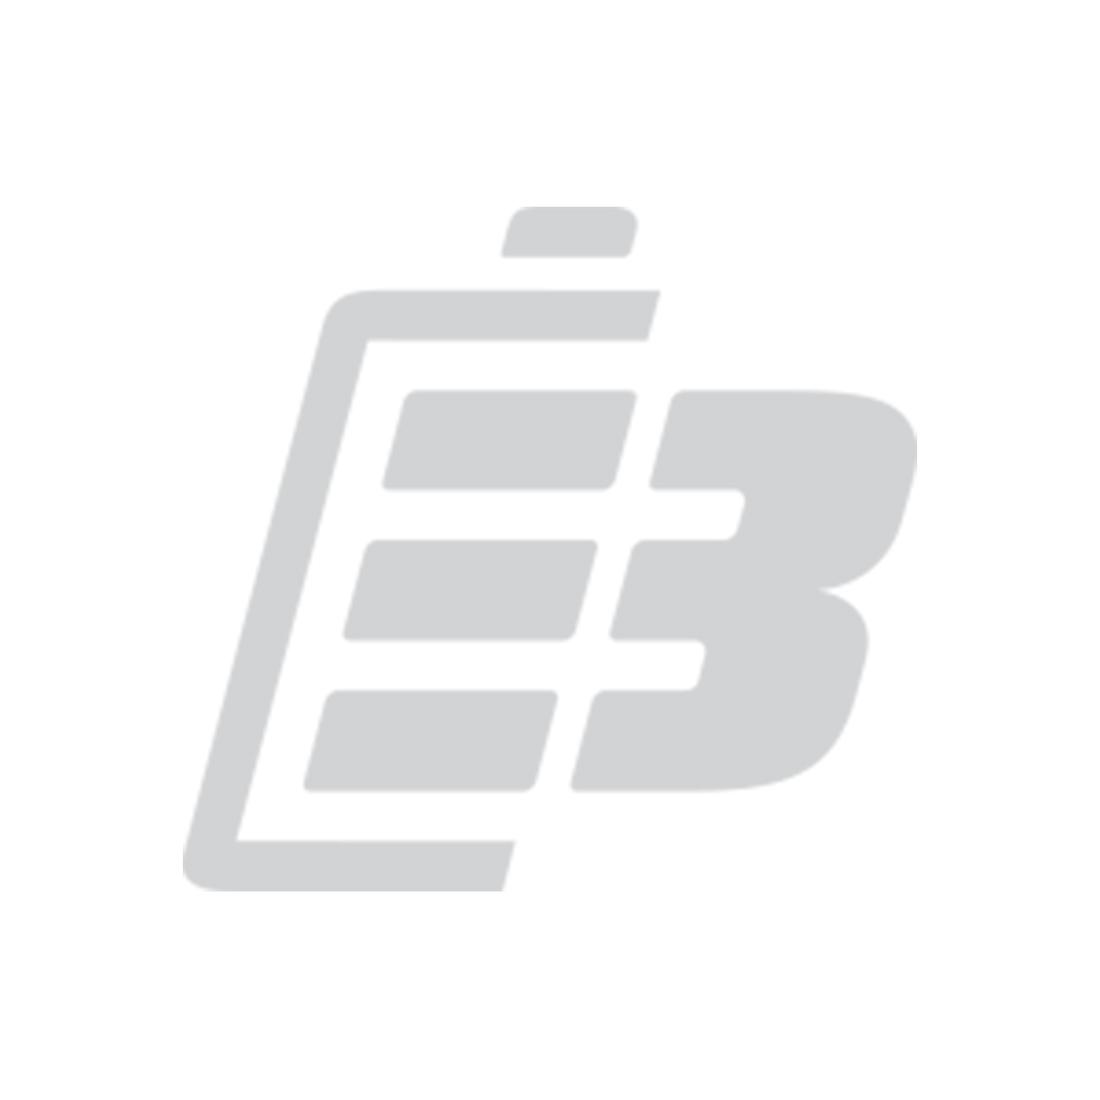 Μπαταρία κινητού τηλεφώνου LG KF390_1